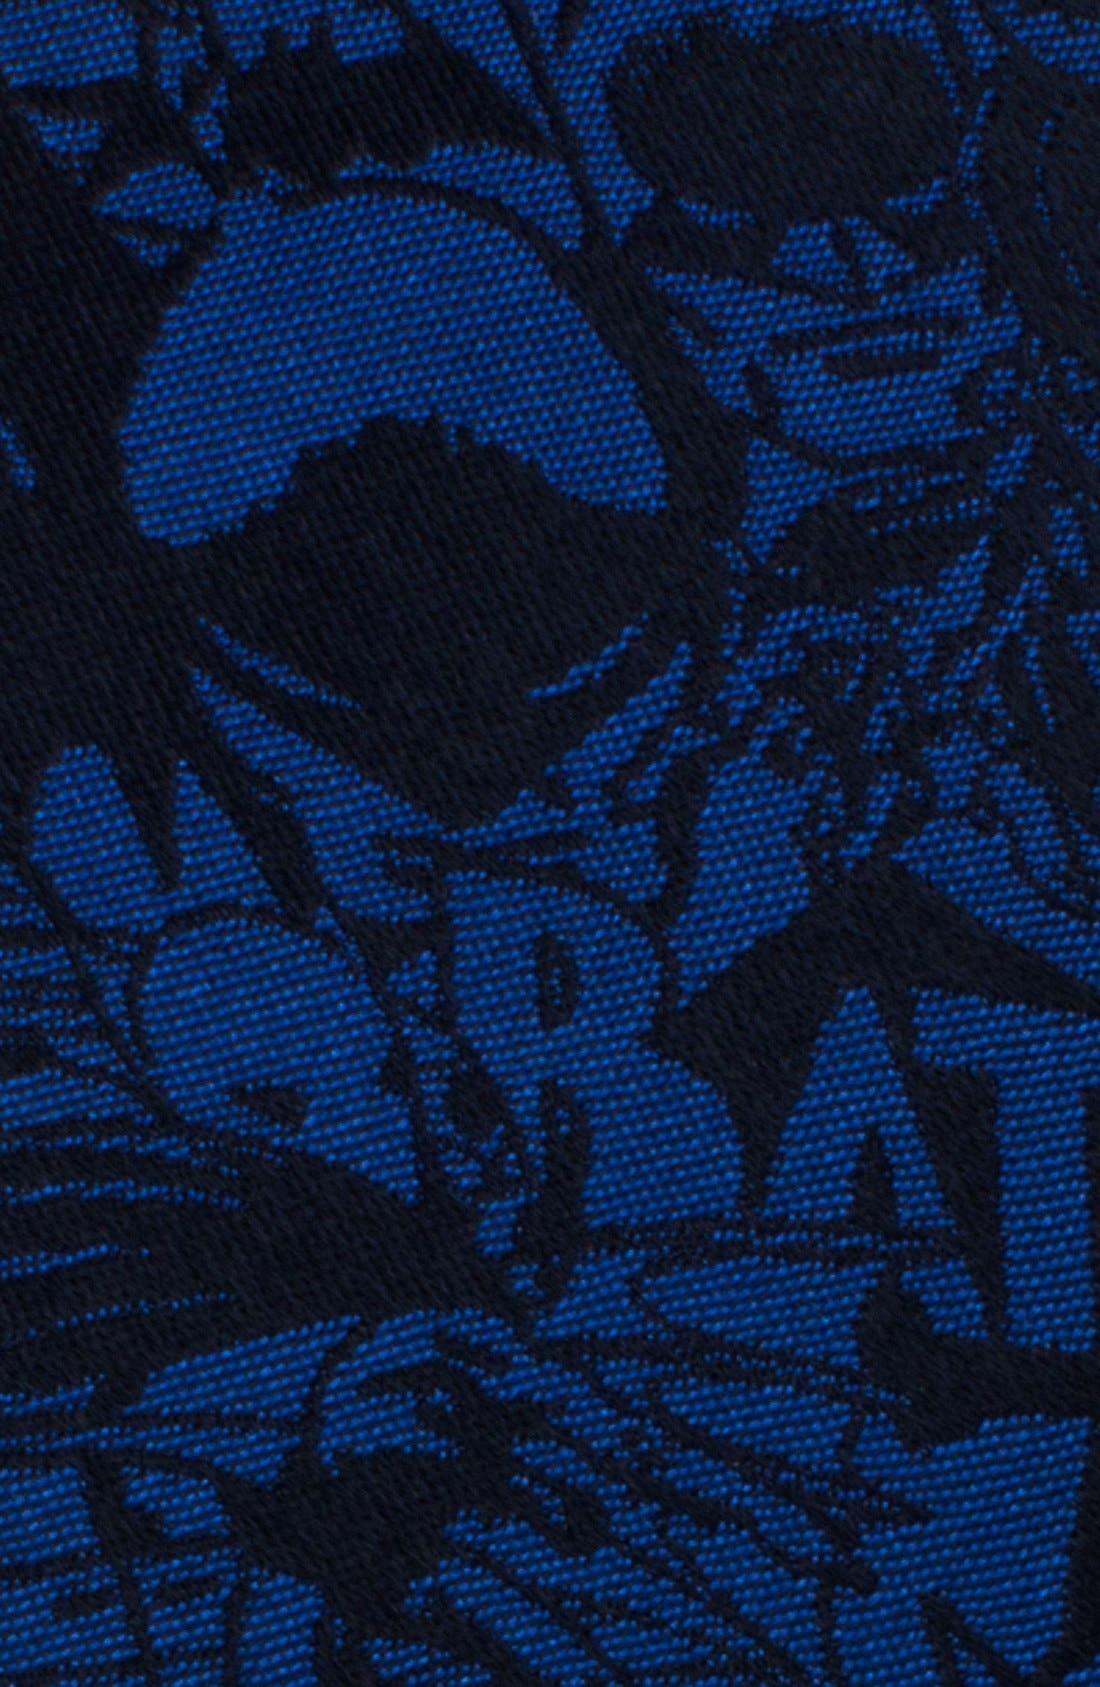 'Batman' Silk Tie,                             Alternate thumbnail 2, color,                             BLUE